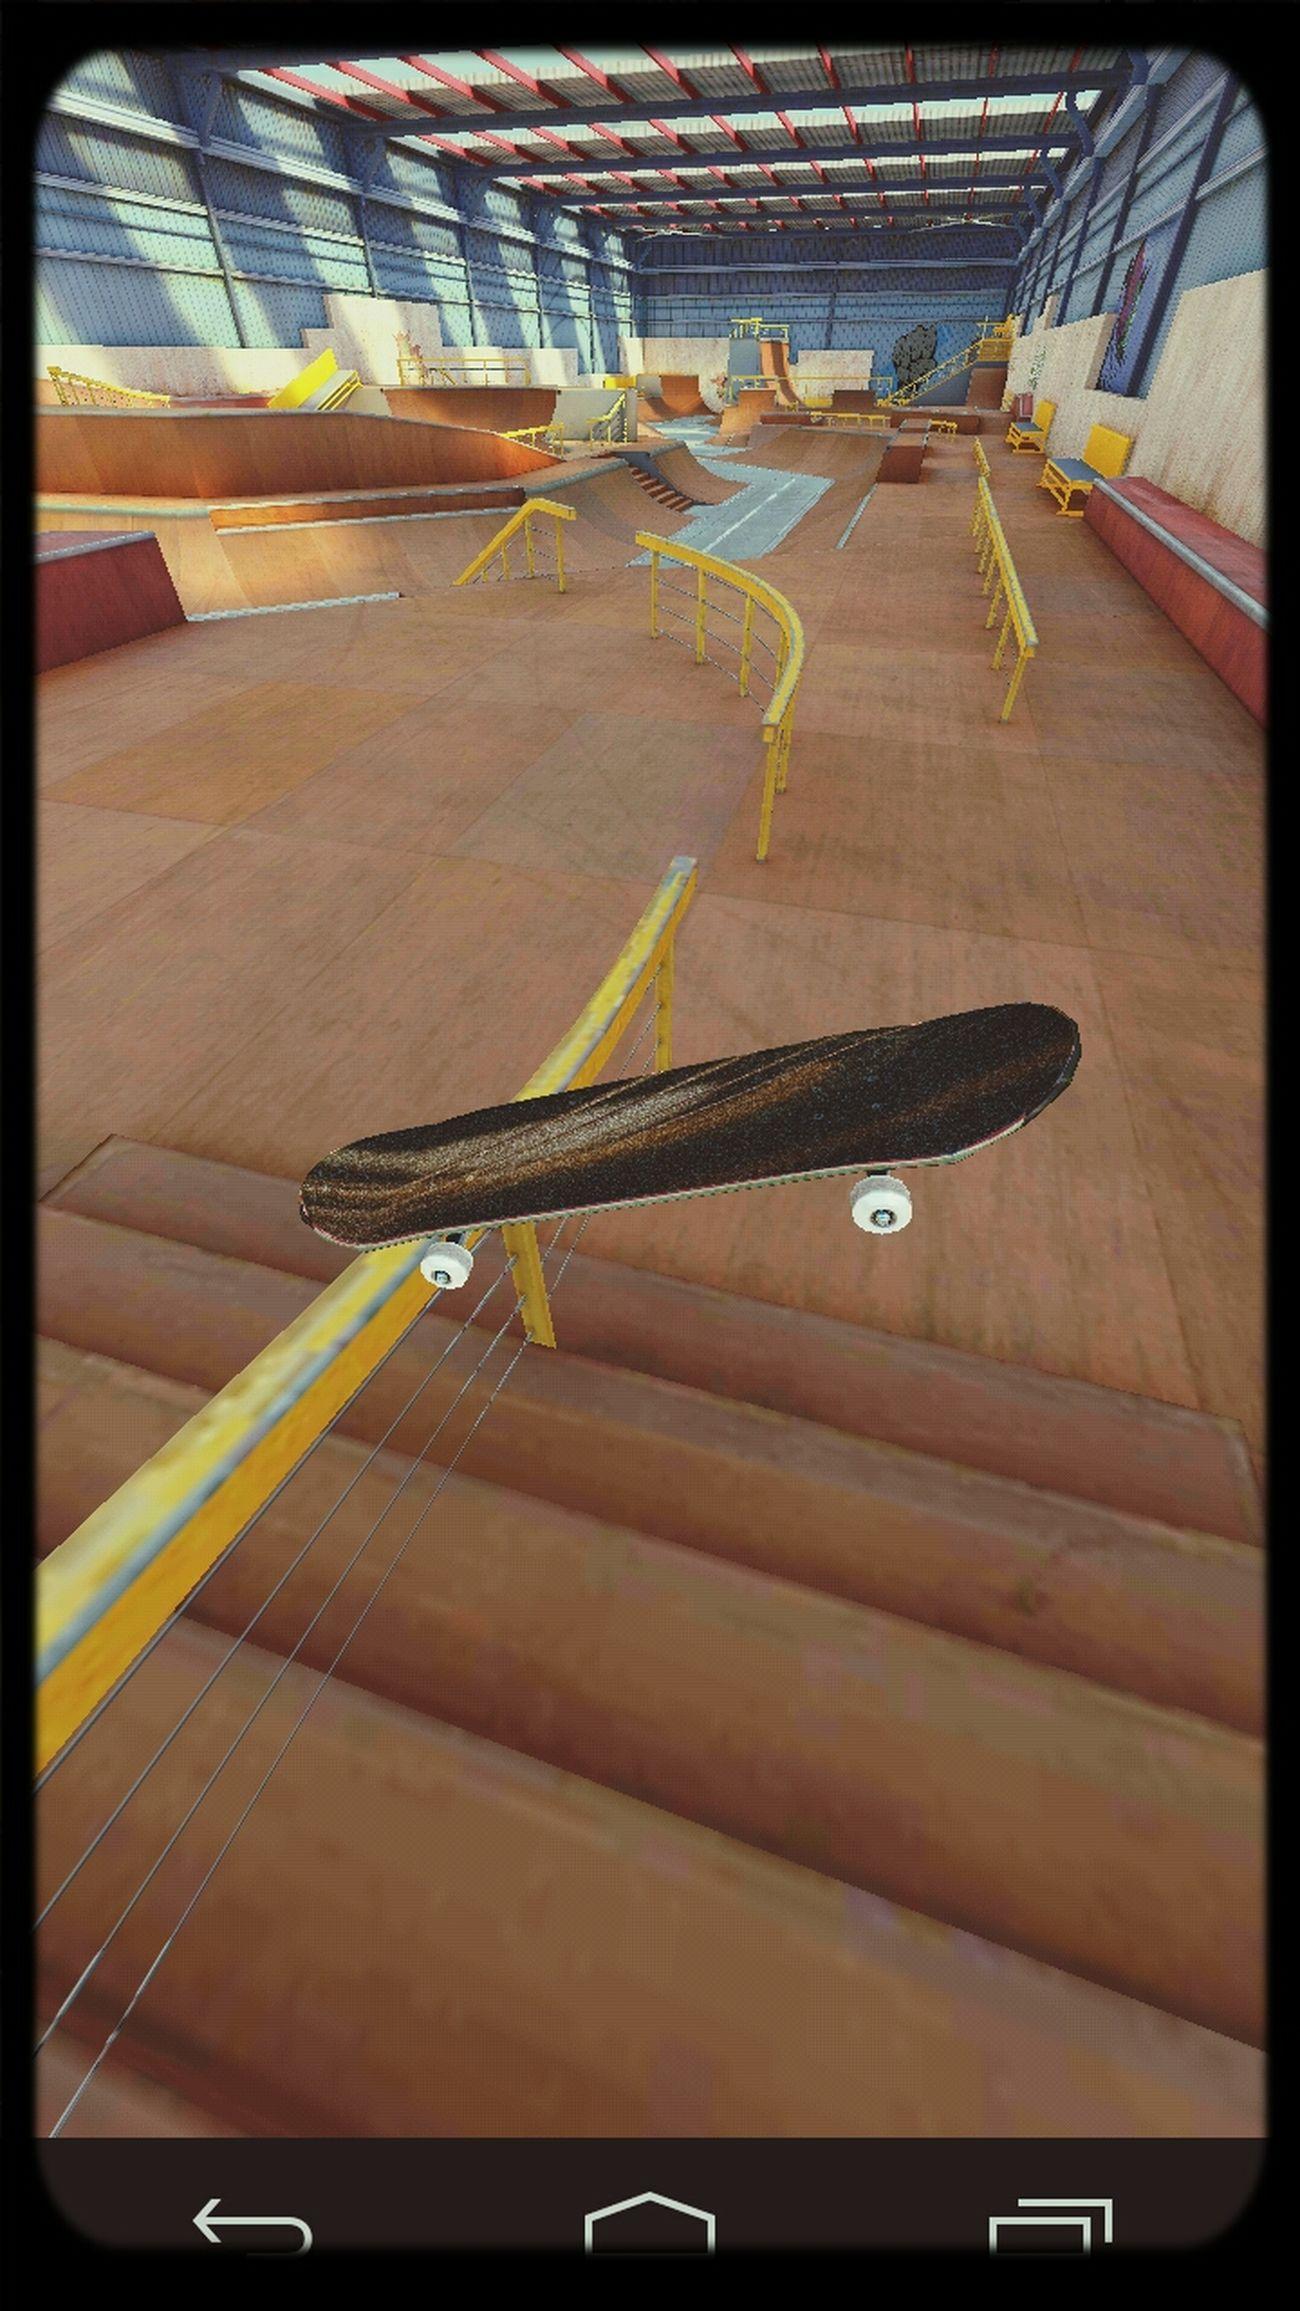 Skate True Skate